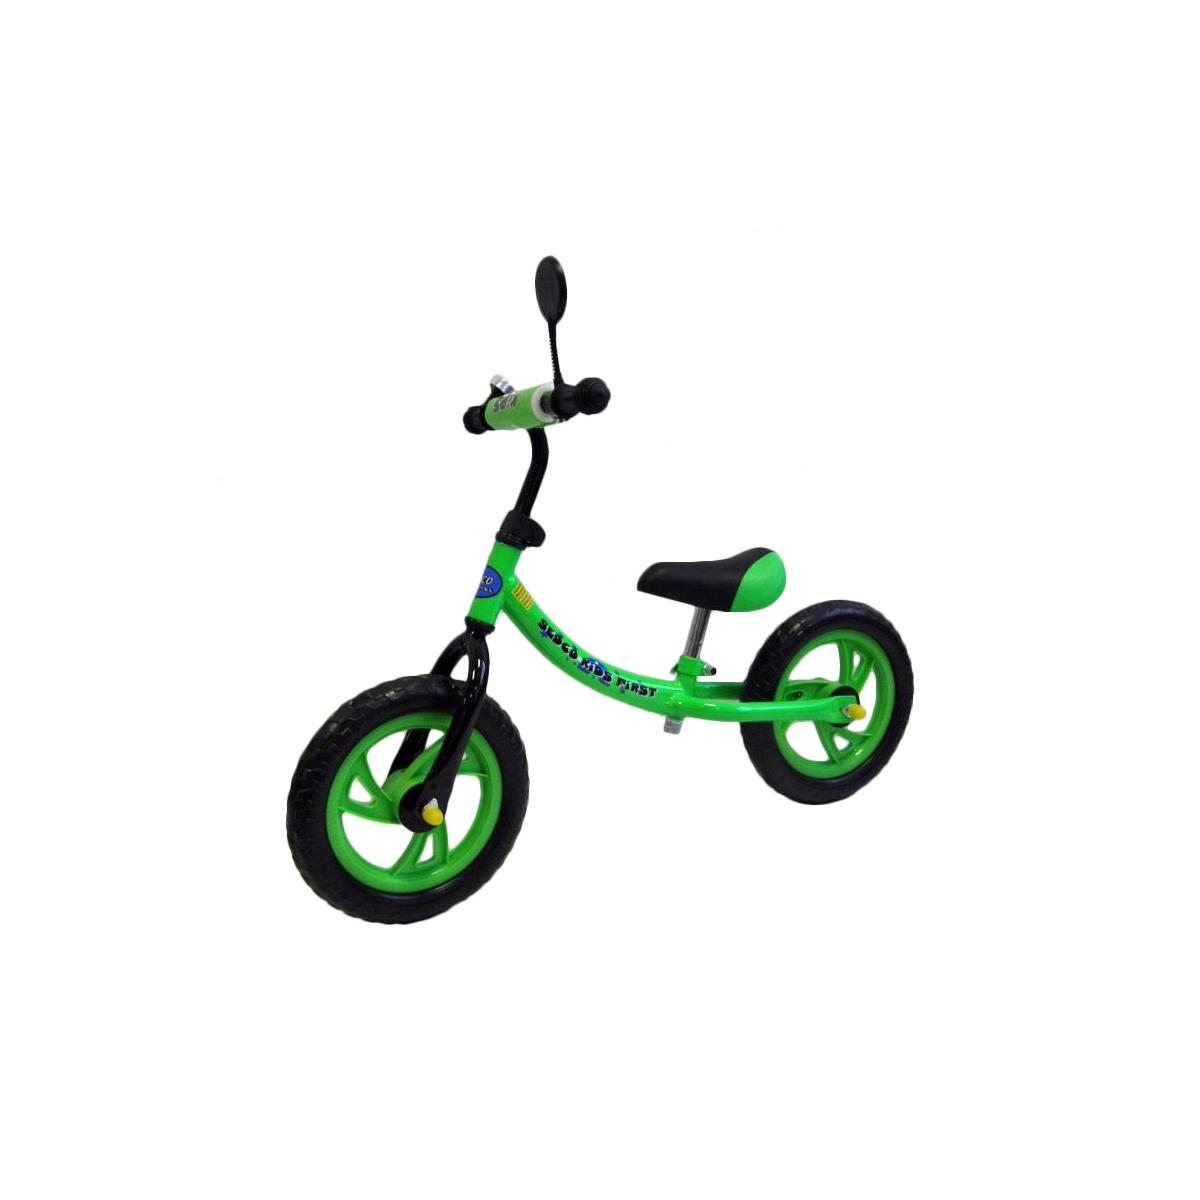 Dětské odrážedlo SEDCO Kids First TC007 - zelené